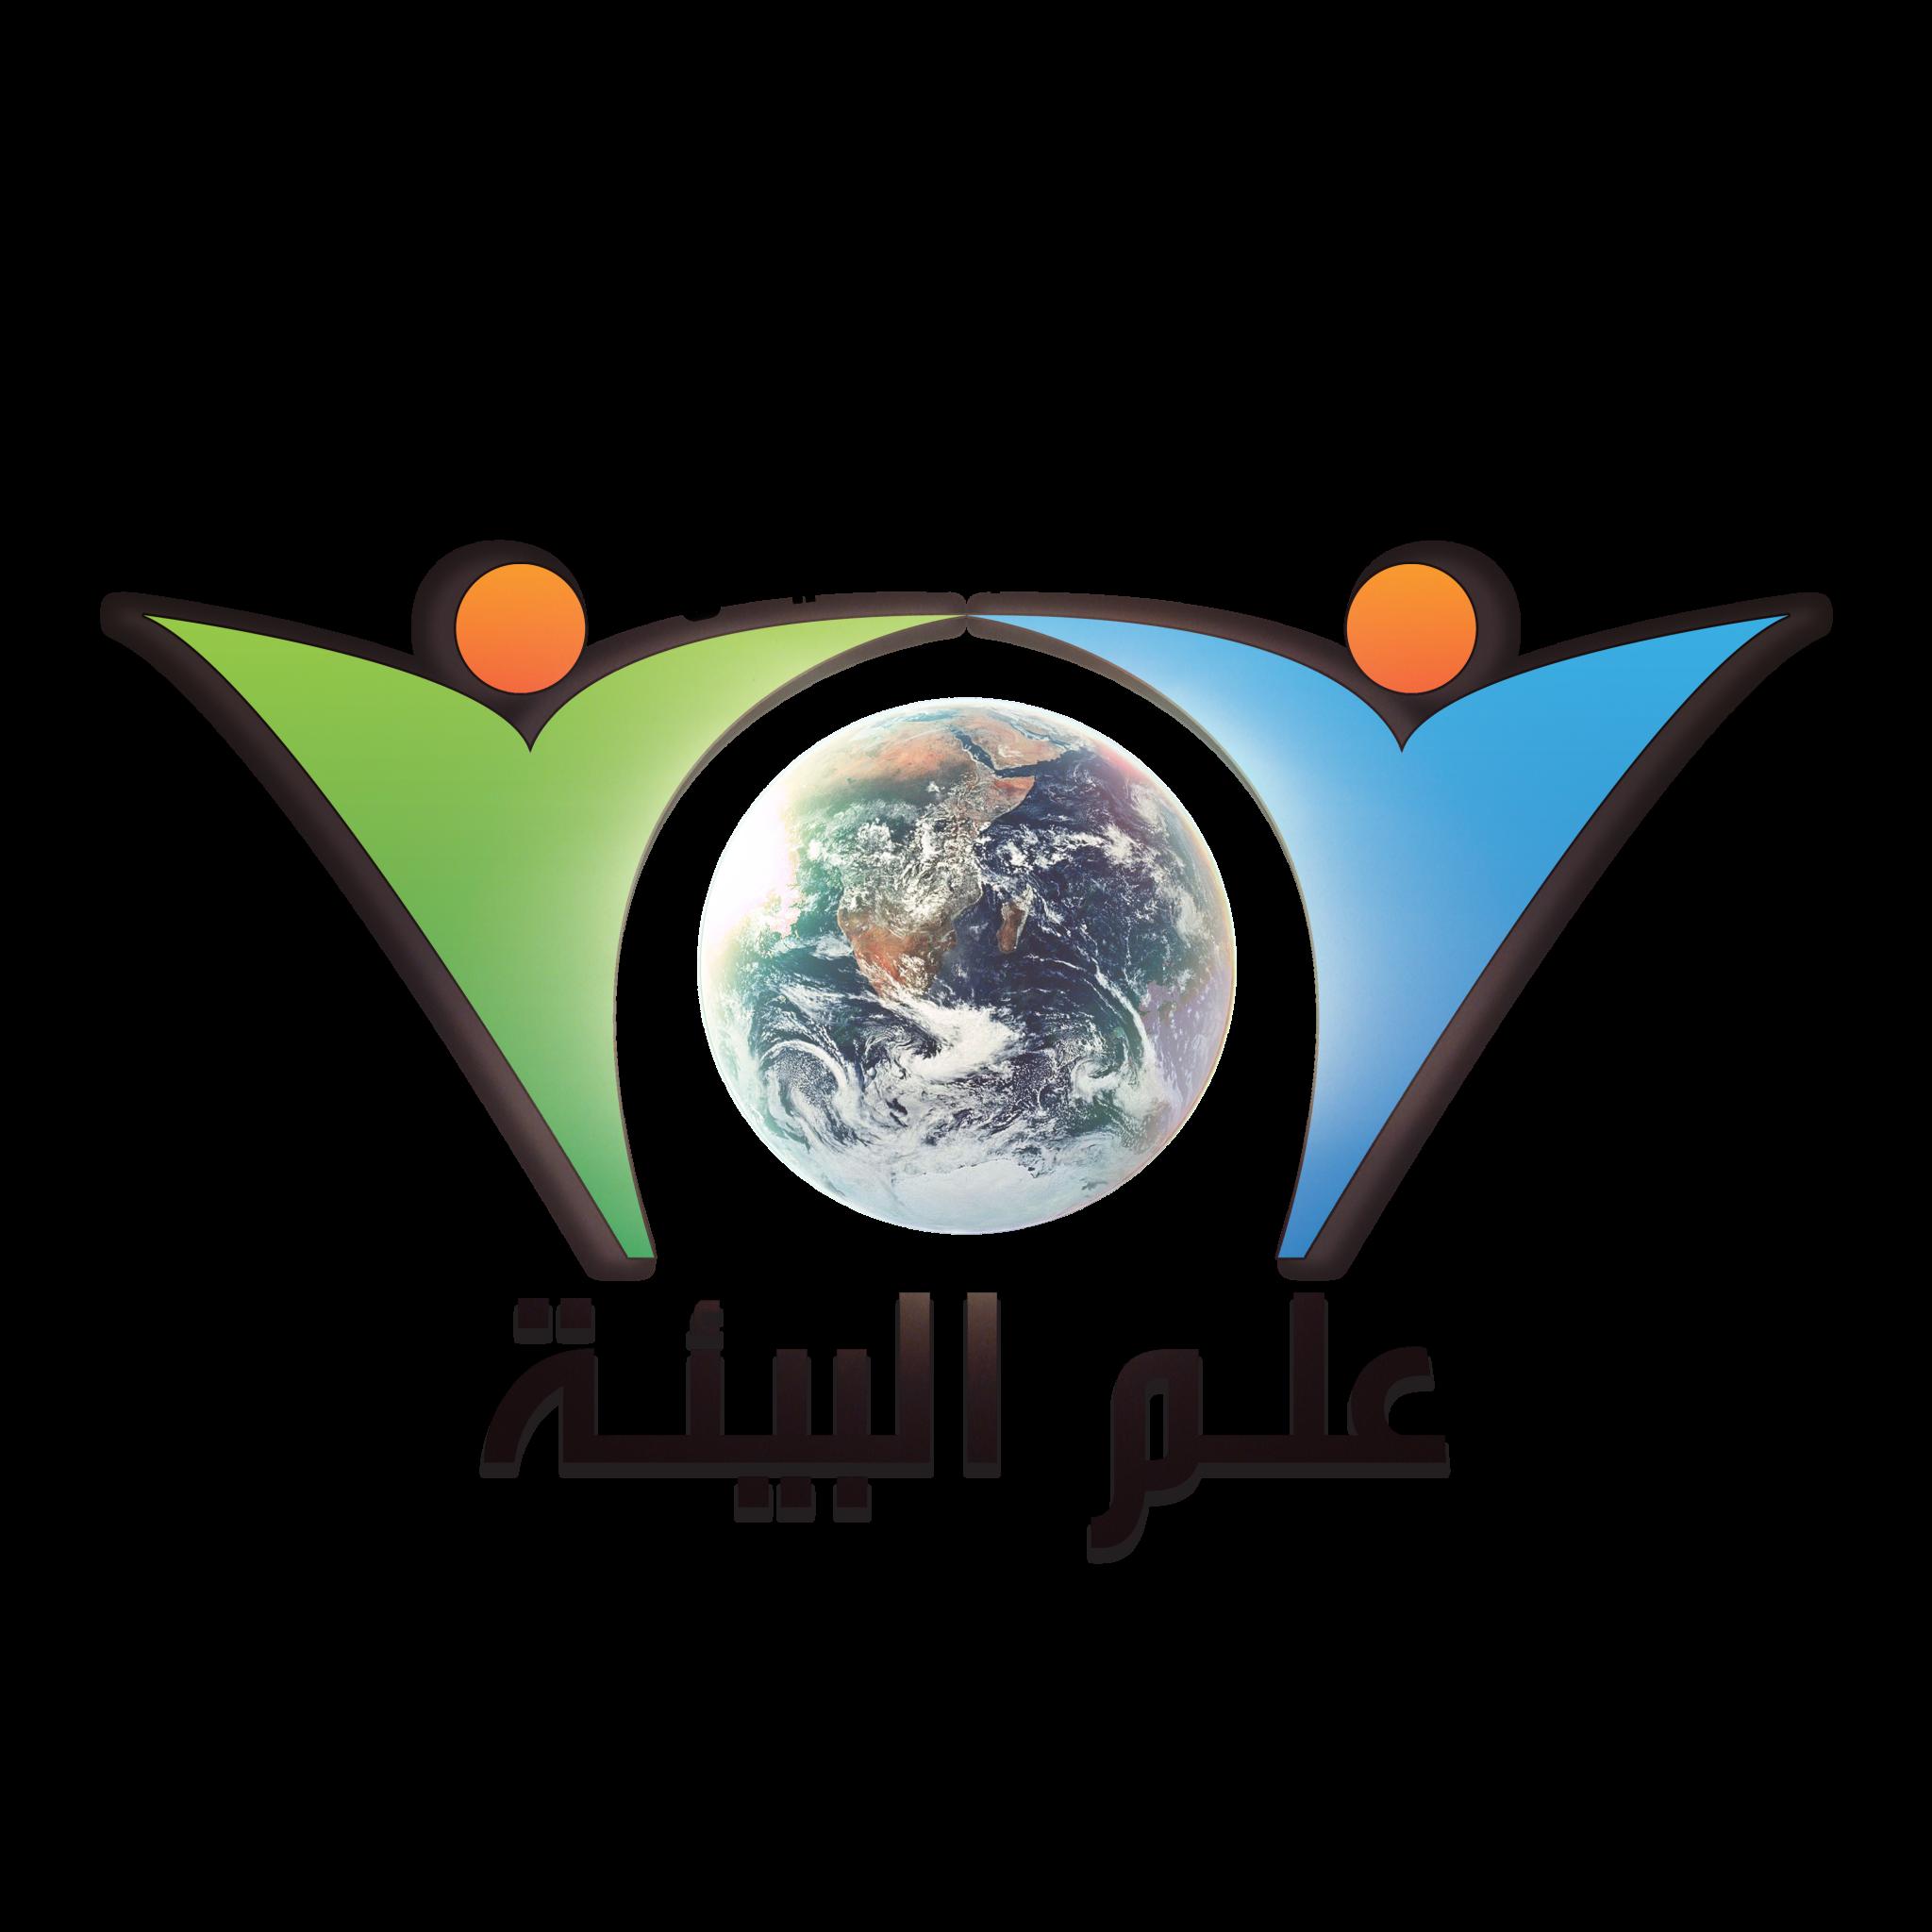 ورق عمل درس المحافظة على التنوع الحيوي مادة علم البيئة والتربية البيئة مقررات الصف الاول عام